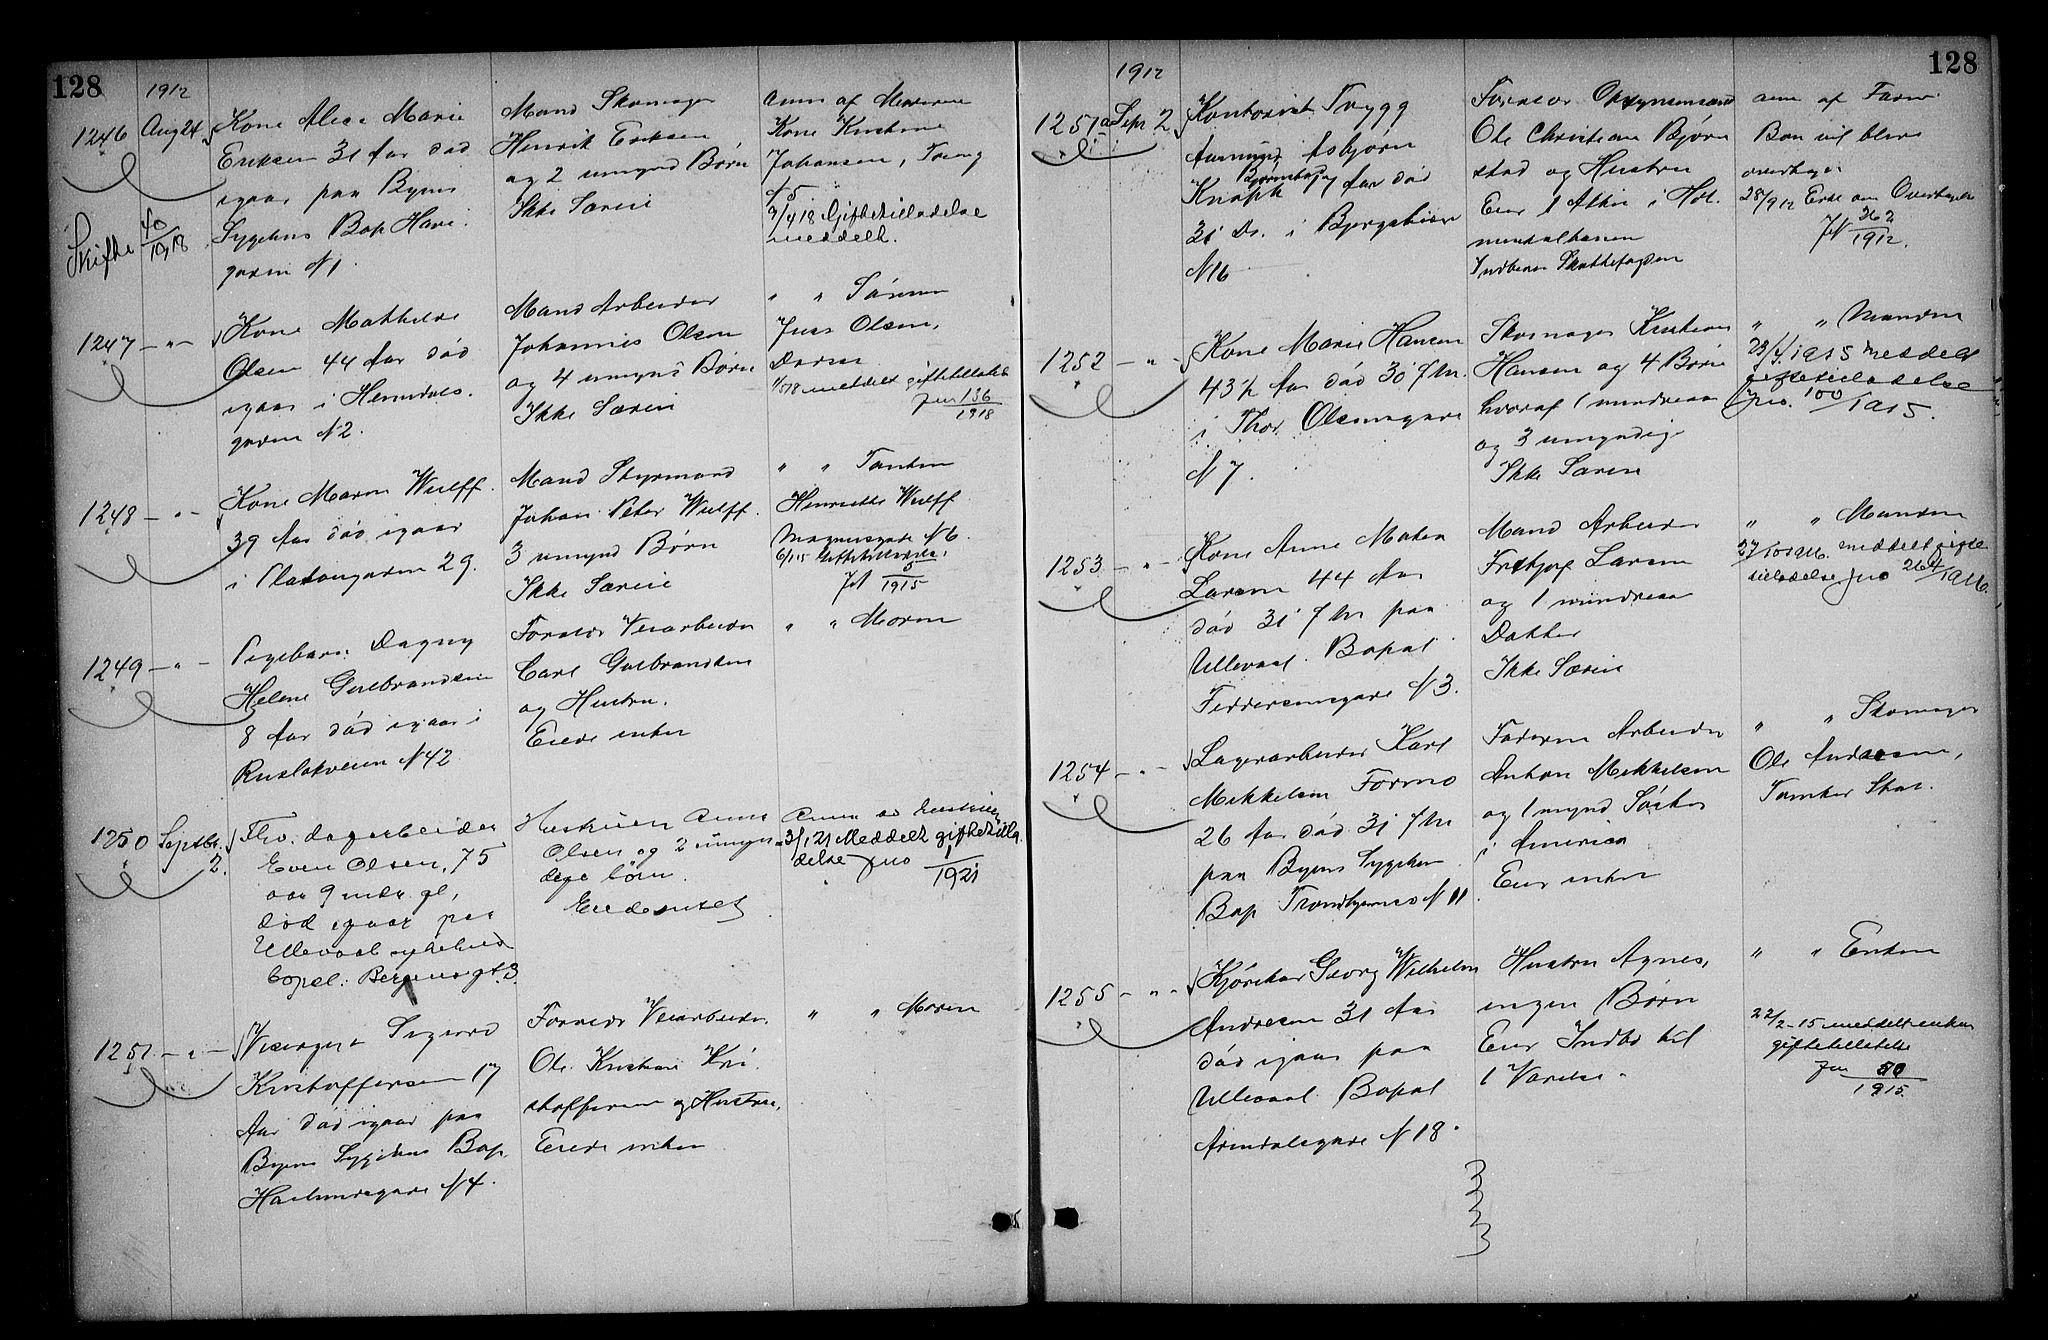 SAO, Oslo skifterett, G/Ga/Gac/L0006: Dødsfallsprotokoll, 1911-1913, s. 128